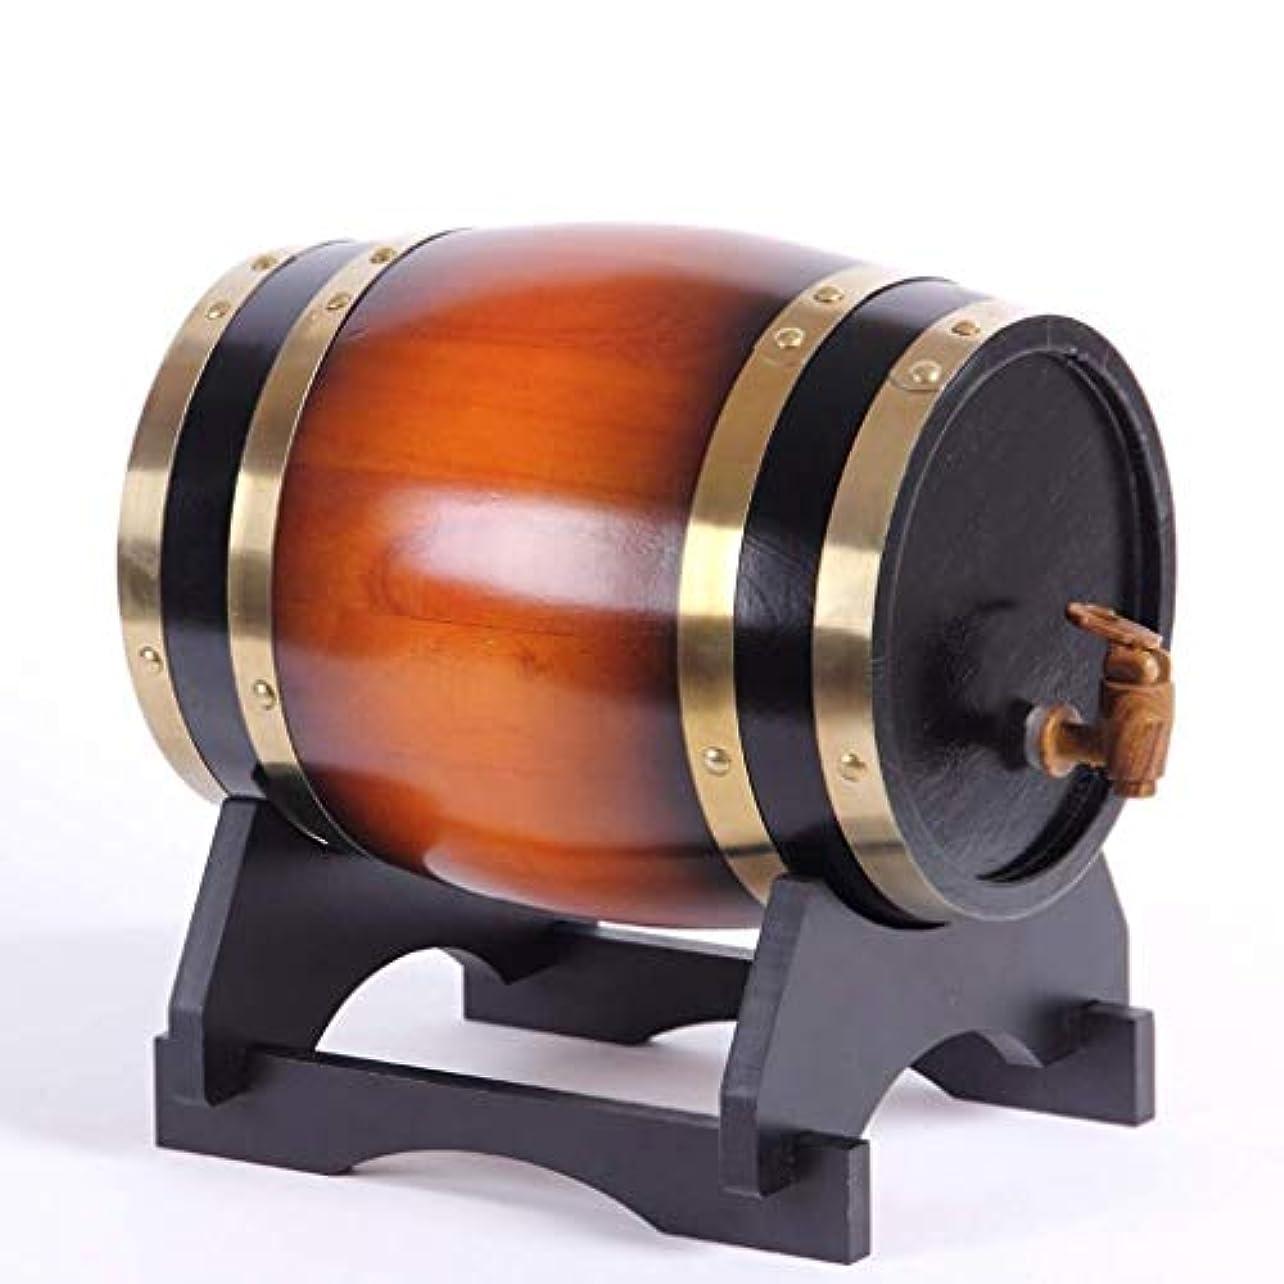 運搬洗う方言EAHKGmh 貯蔵用ウイスキー、ビール、ワイン、バーボン、テキーラ、ラム酒、ホットソースなどのためのワイン樽プレミアムオークエージングバレルアルミホイルライナー (Color : A, Size : 5L)